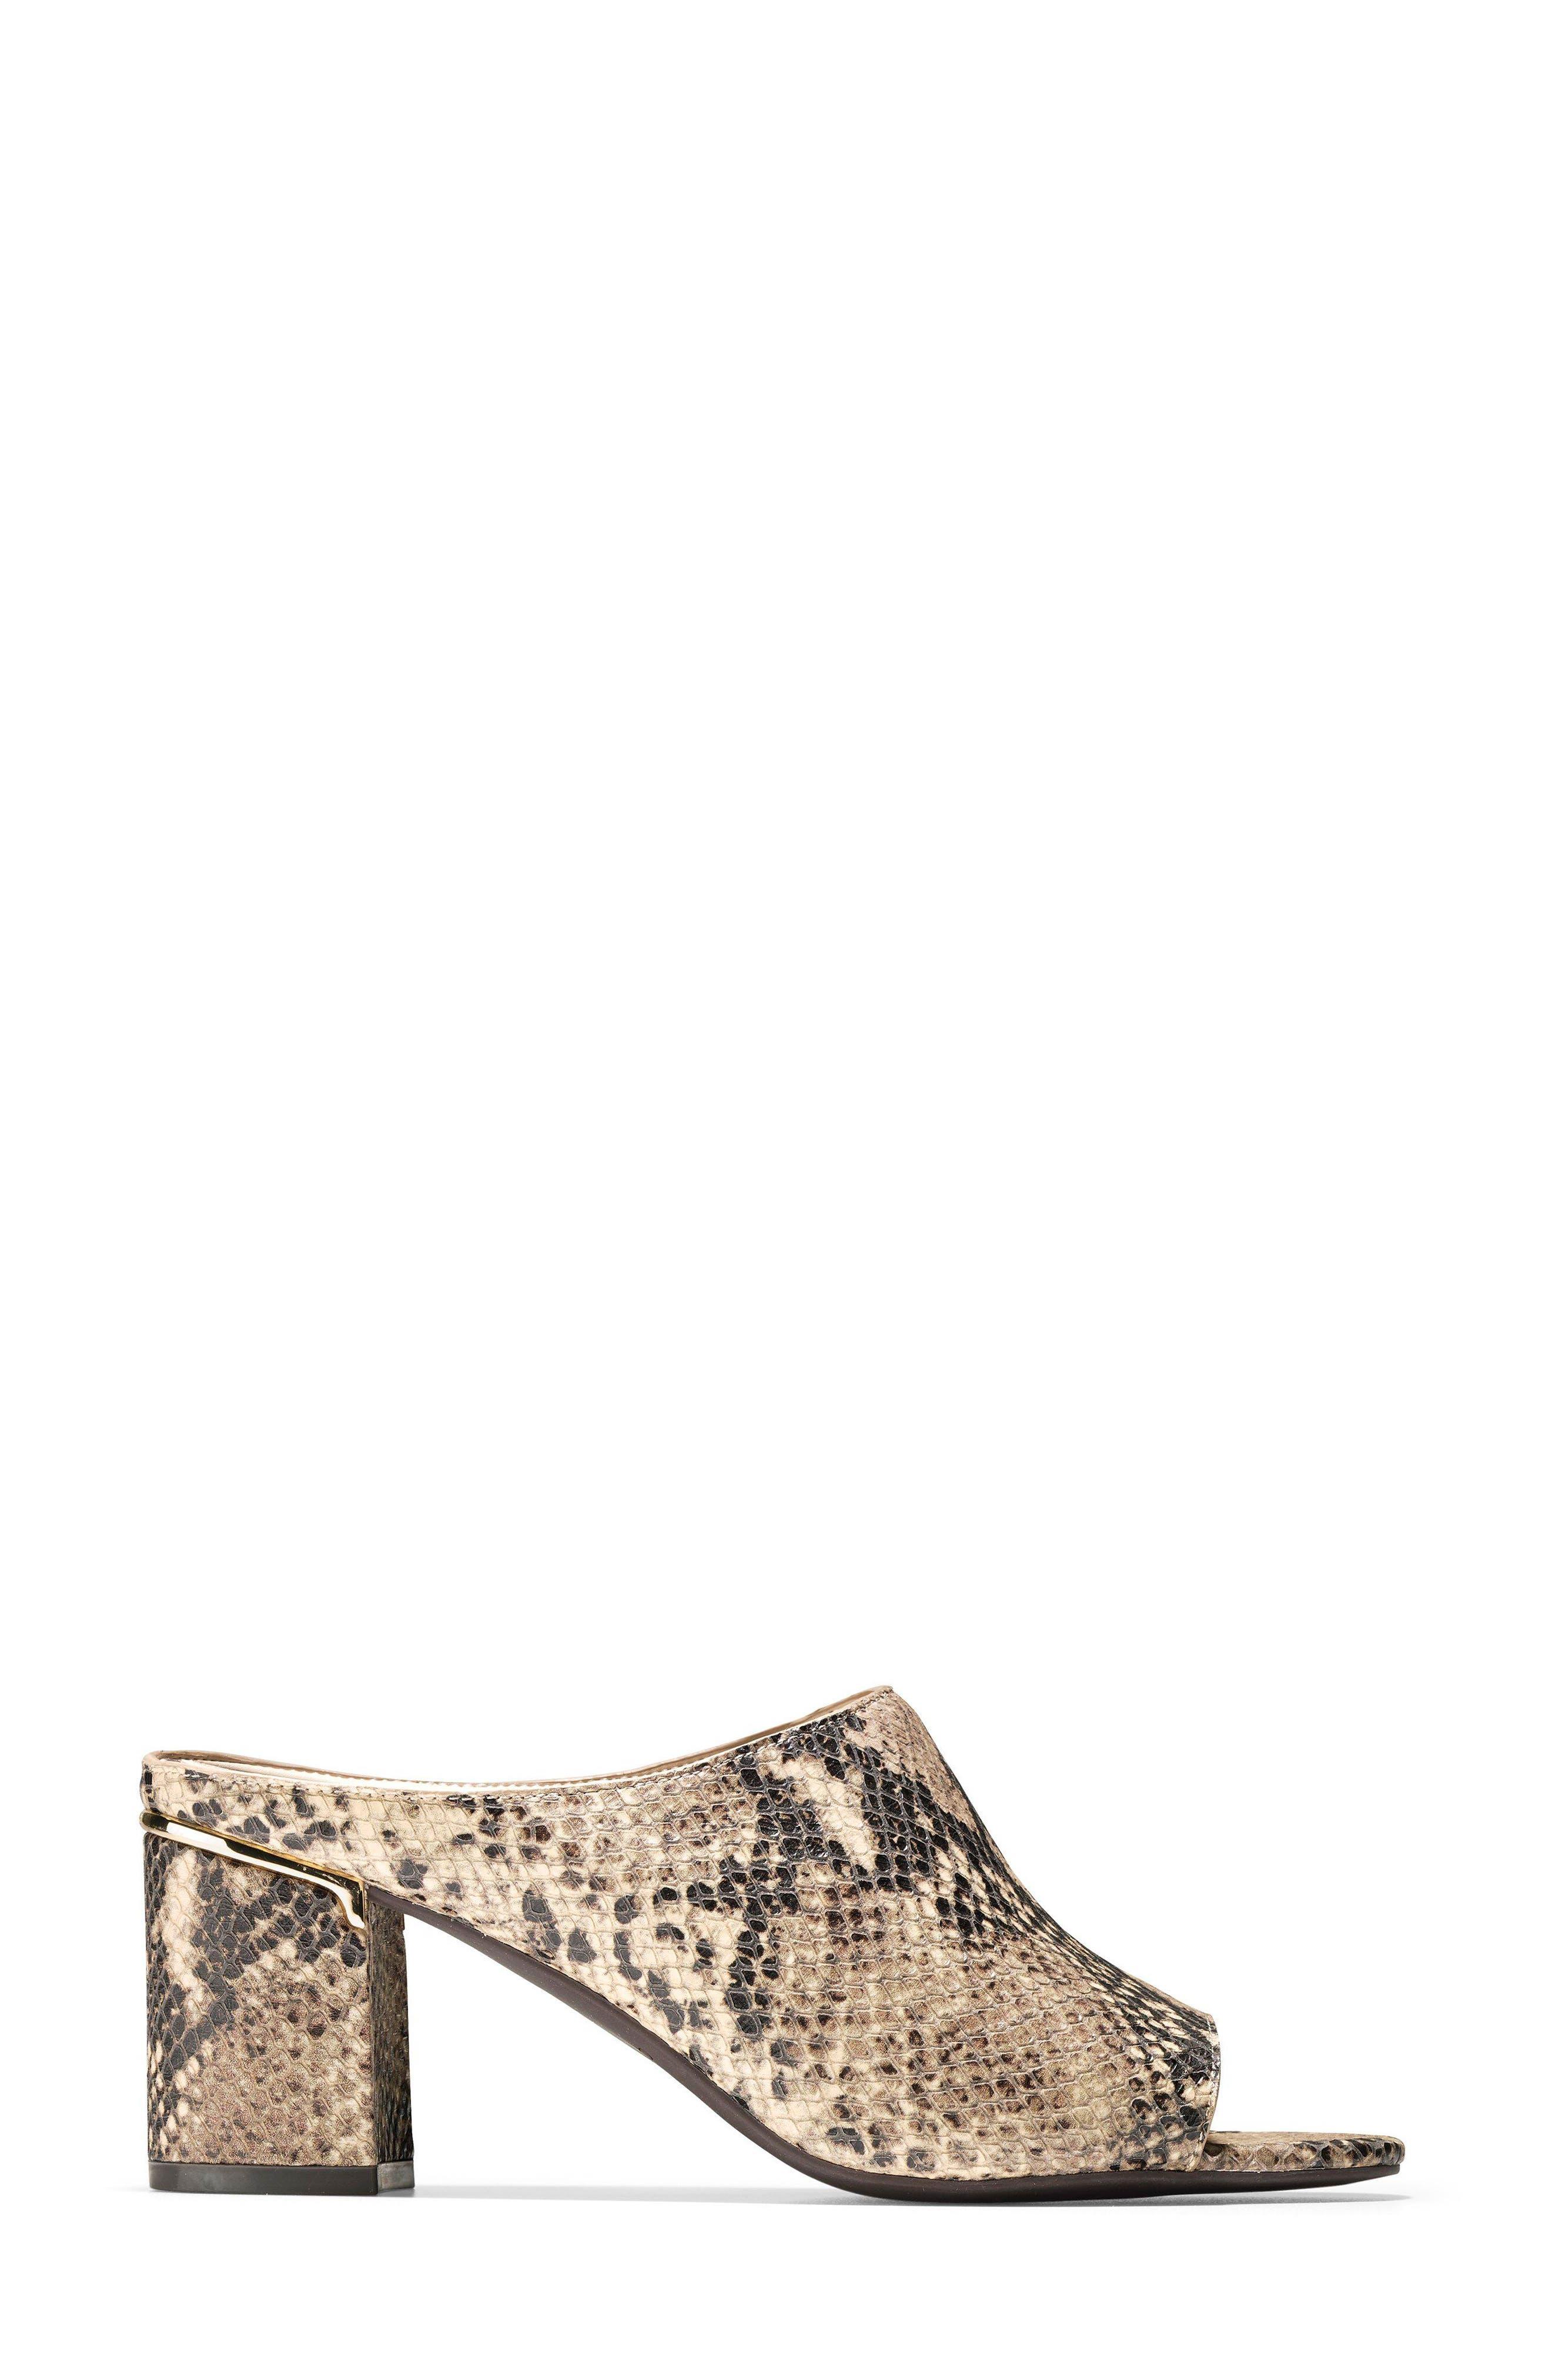 Laree Sandal,                             Alternate thumbnail 4, color,                             Roccia Print Leather